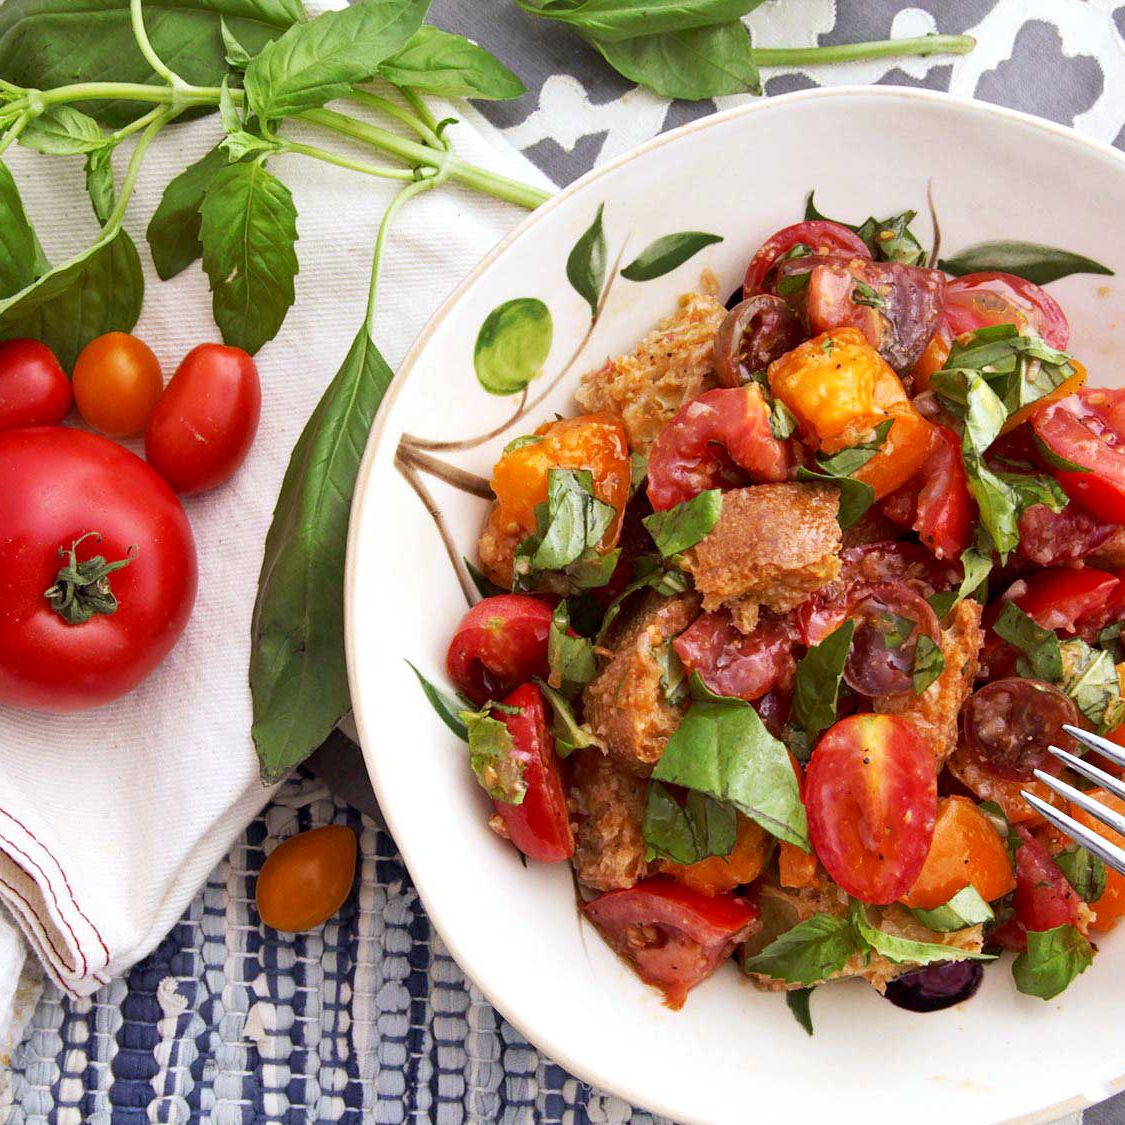 Classic Panzanella Salad Tuscan Style Tomato and Bread Salad Recipe